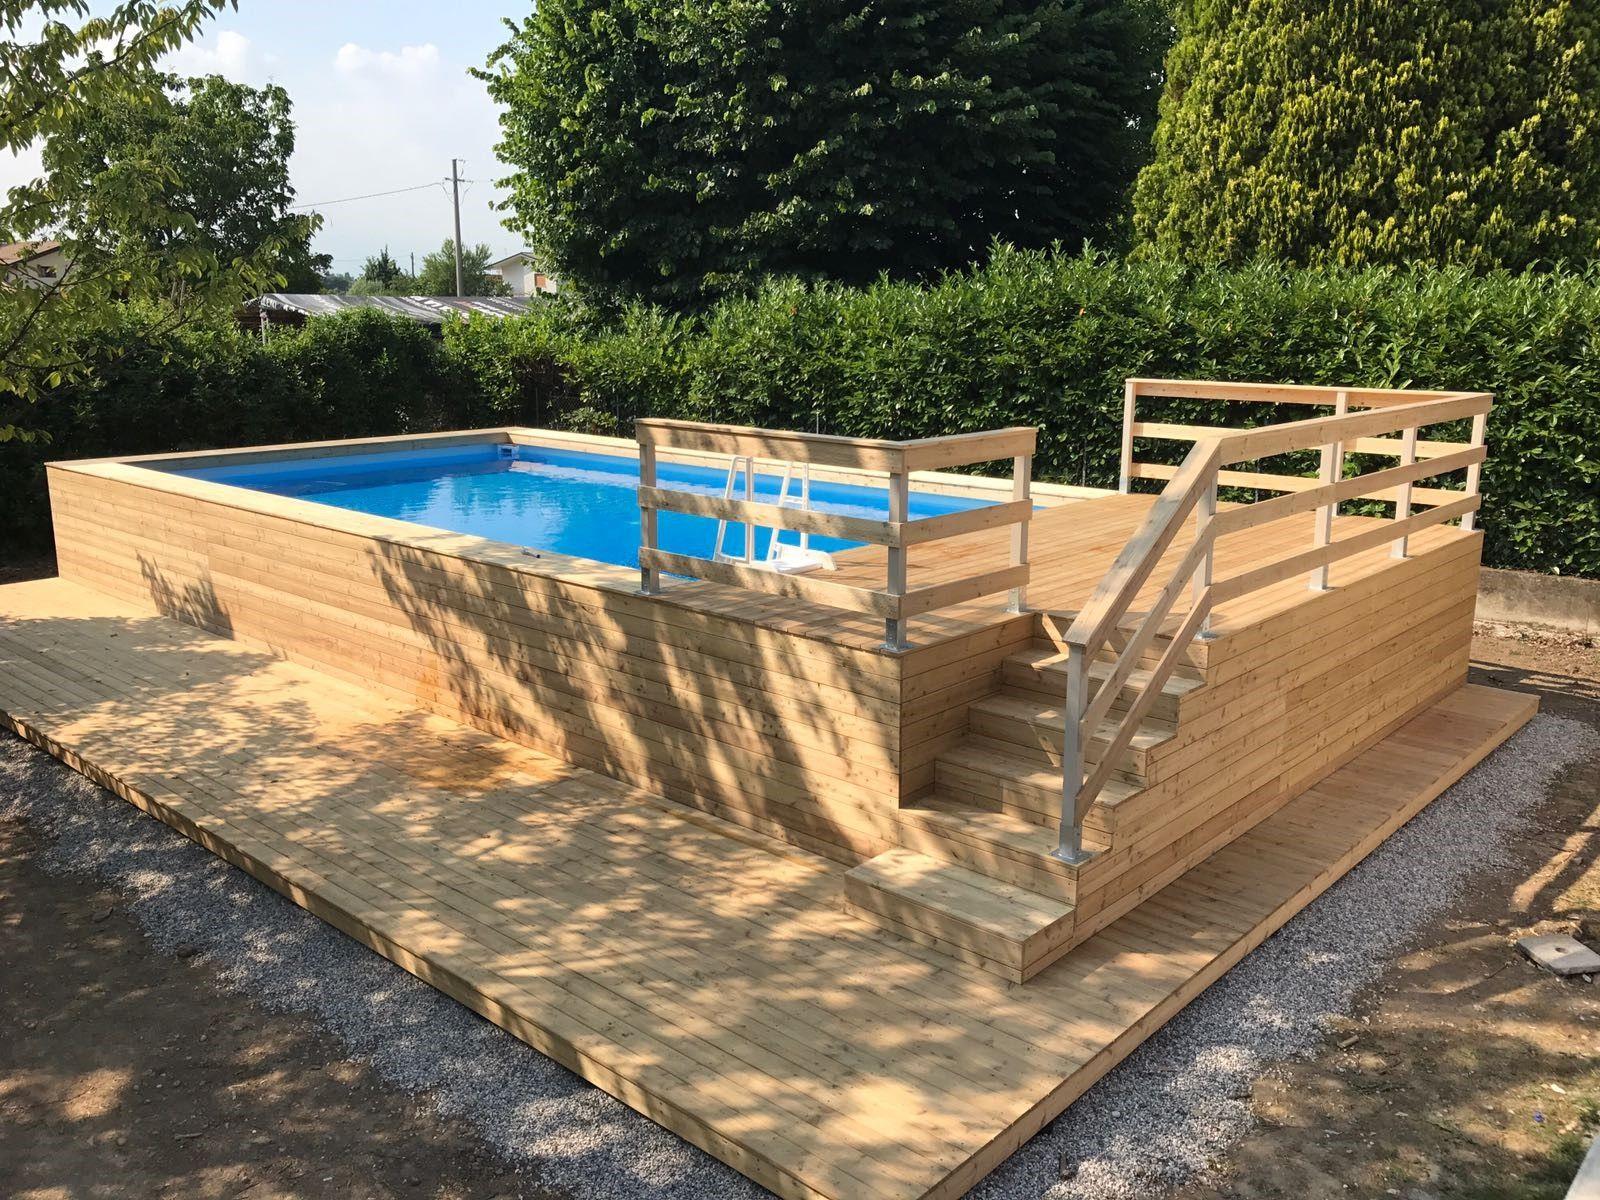 Copertura In Legno Fai Da Te : Bildergebnis für copertura fai da te piscina fuori terra pool